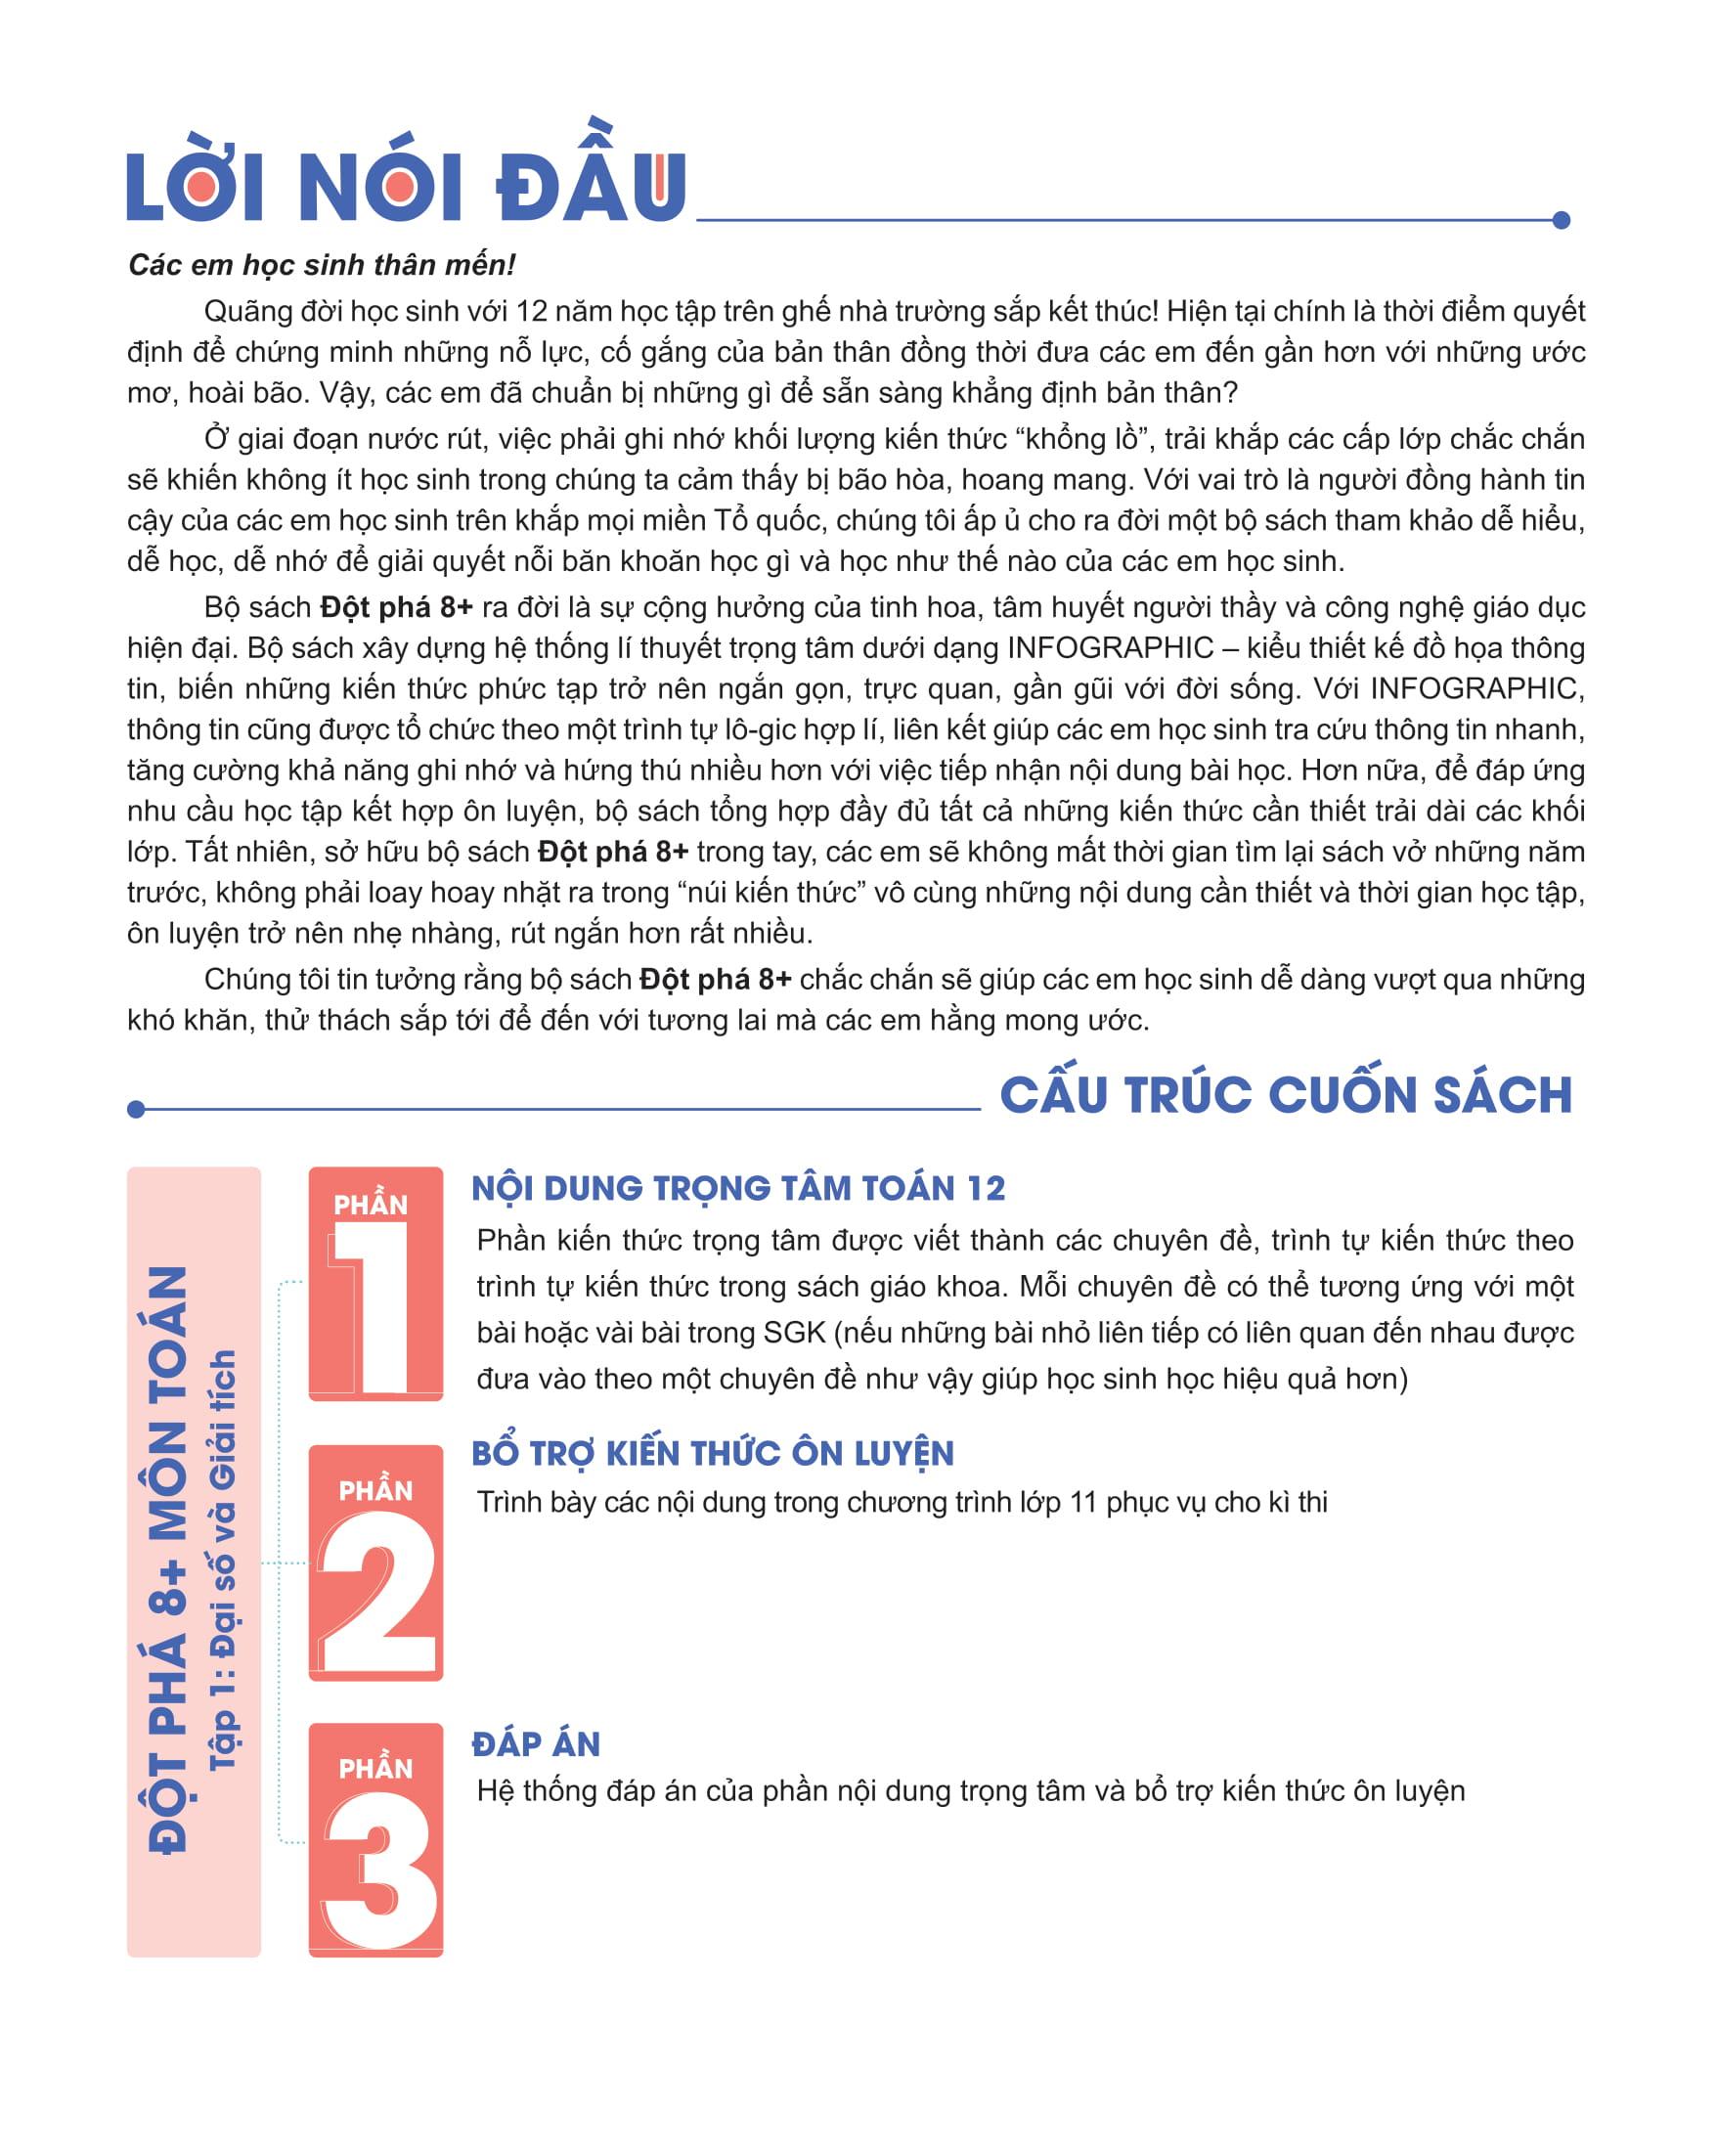 Combo Đột phá 8+ Môn Toán tập 1, Hóa học tập 1, Sinh học (Phiên bản 2020)